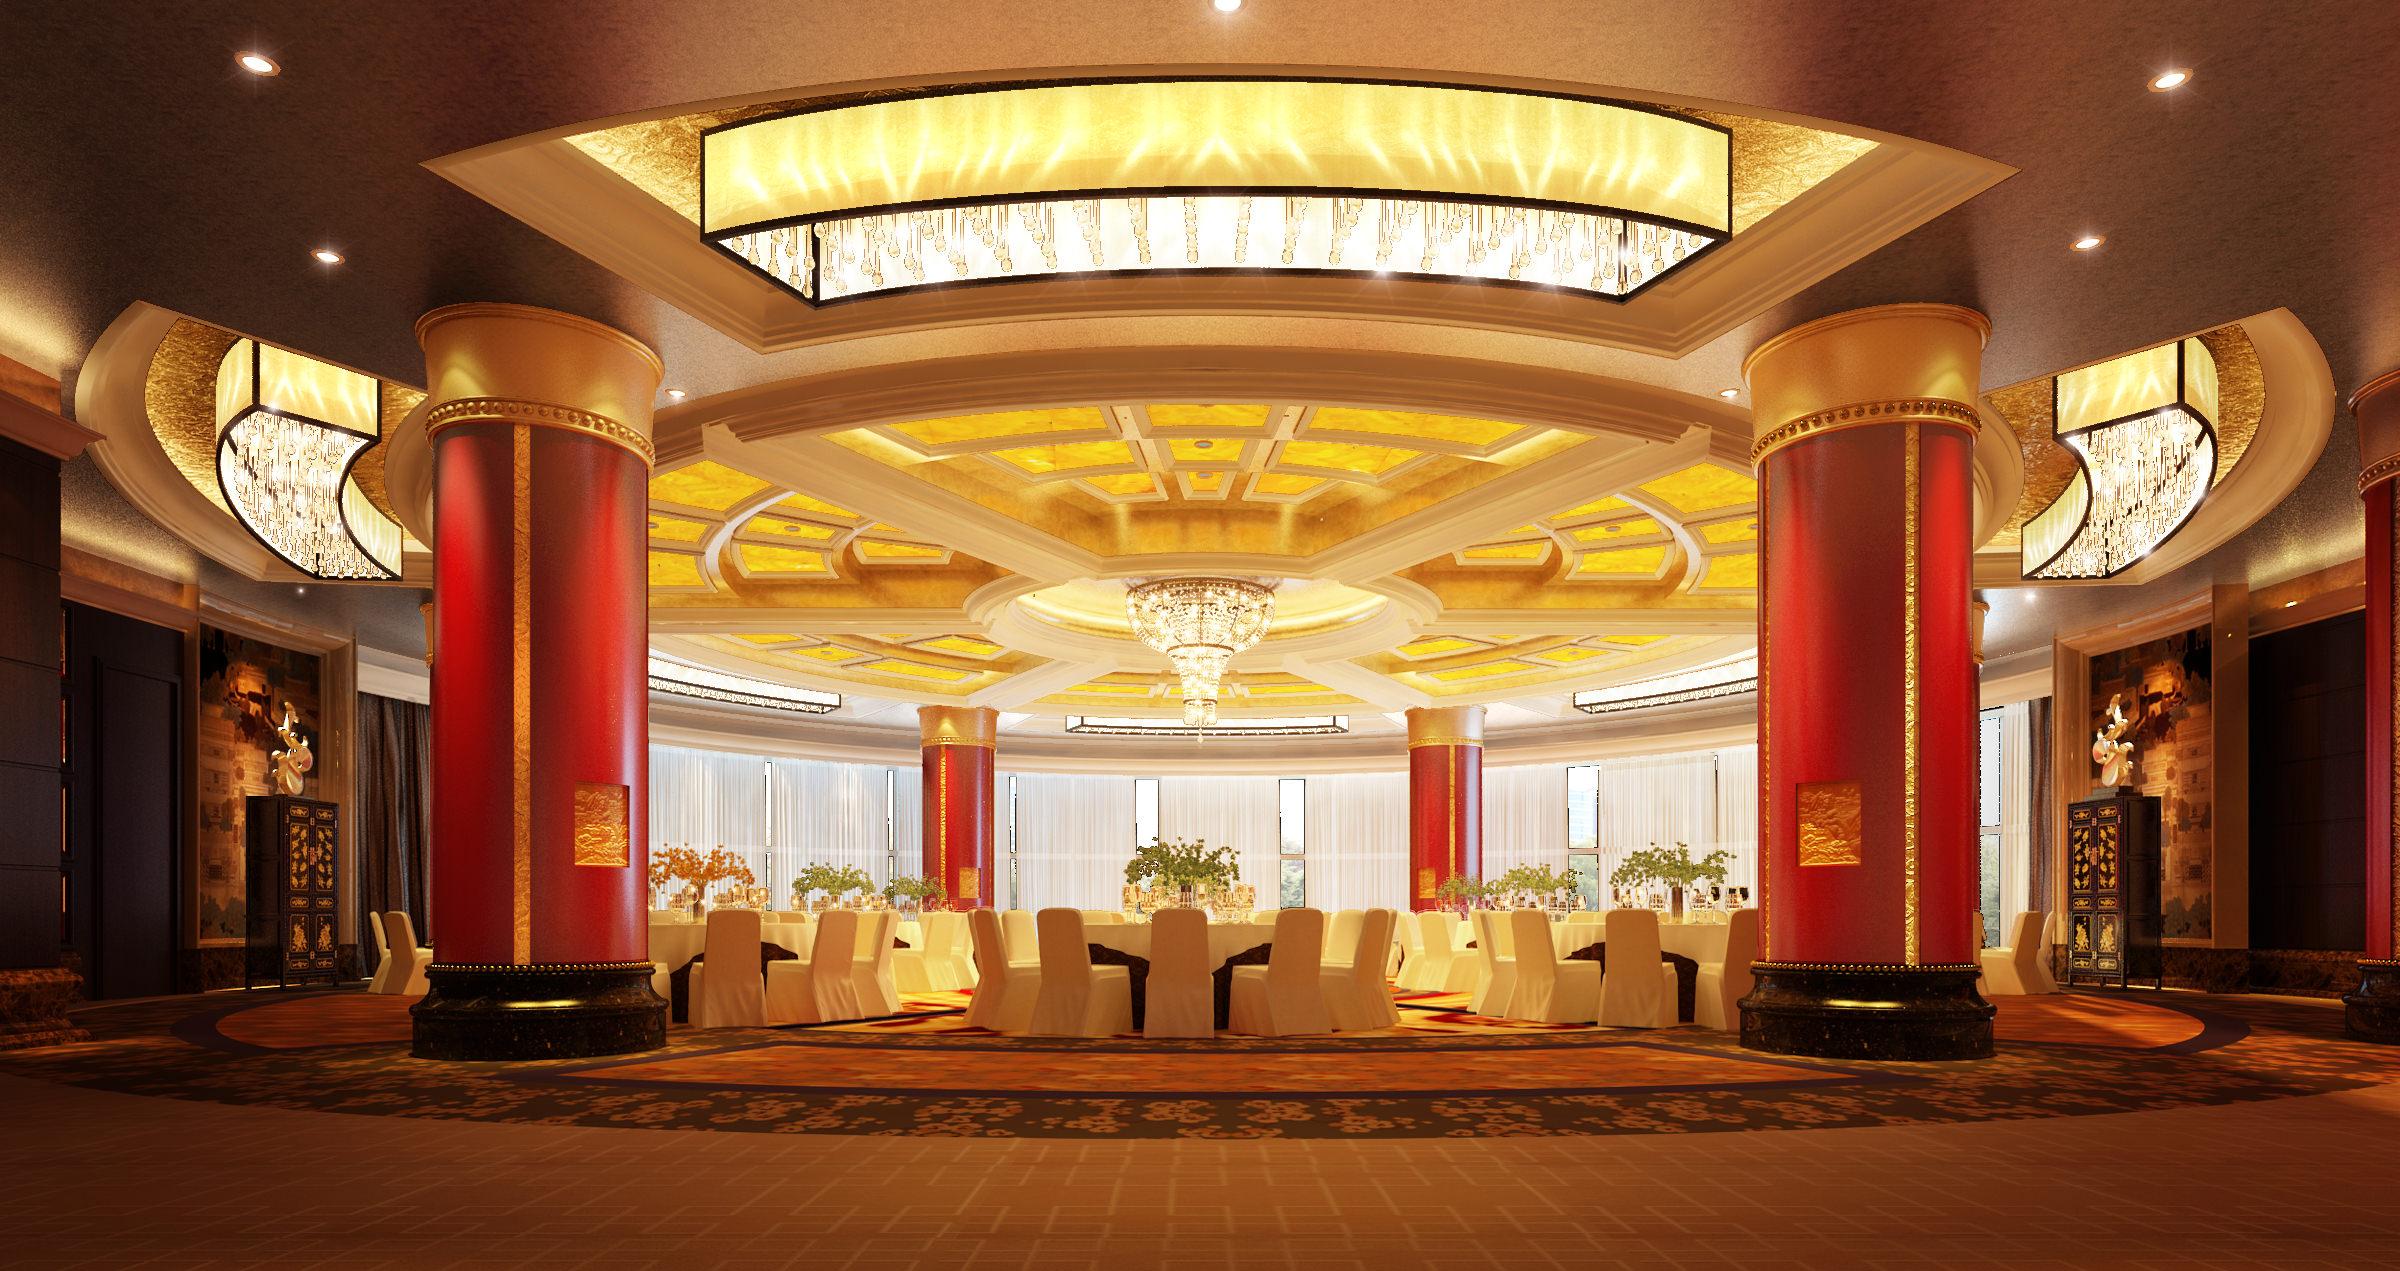 Banquet hall reception area download 3d house - Banquet Hall 3d Model Max 1